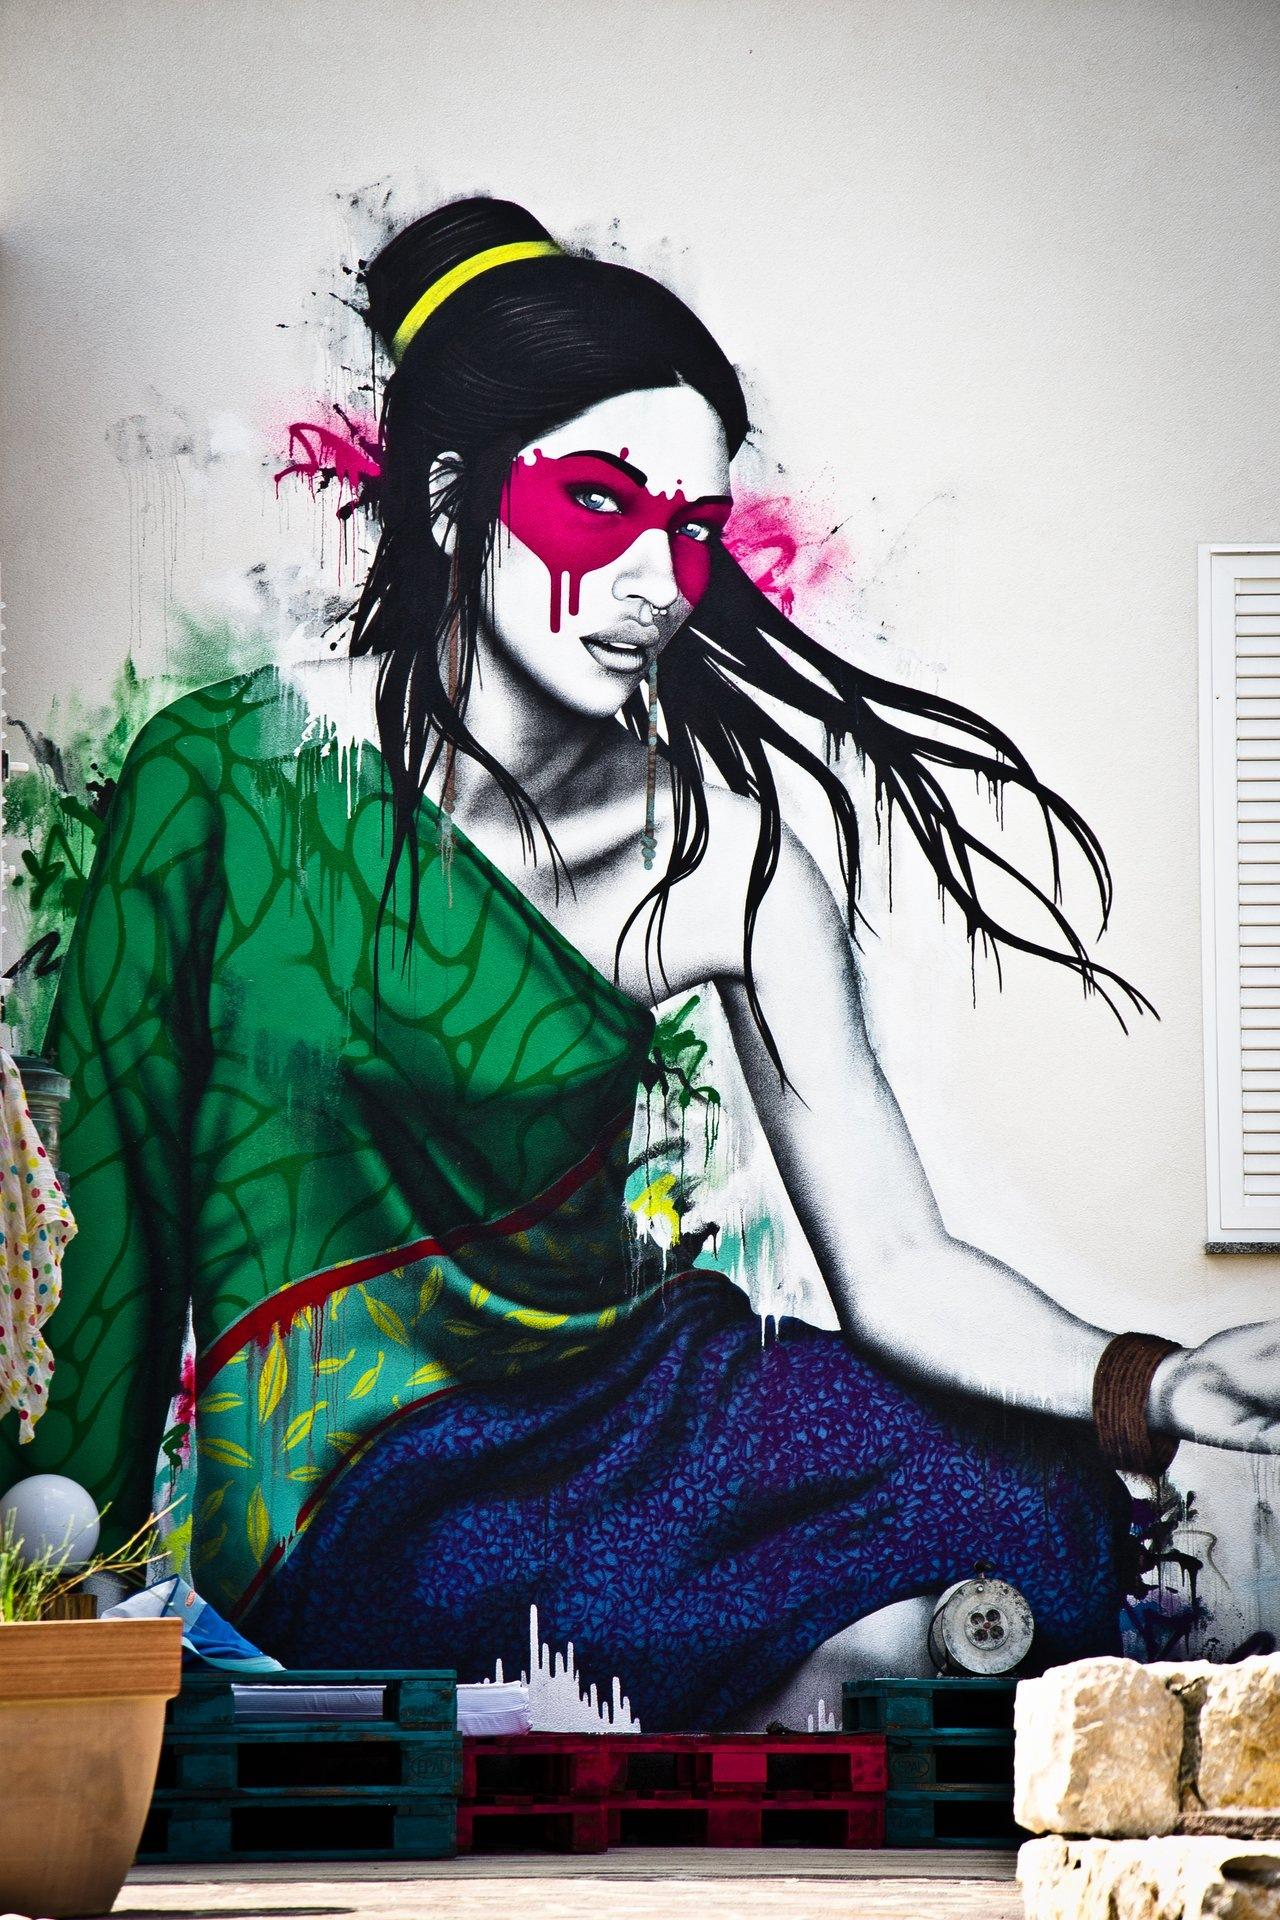 Woman on wall by F1n5tar